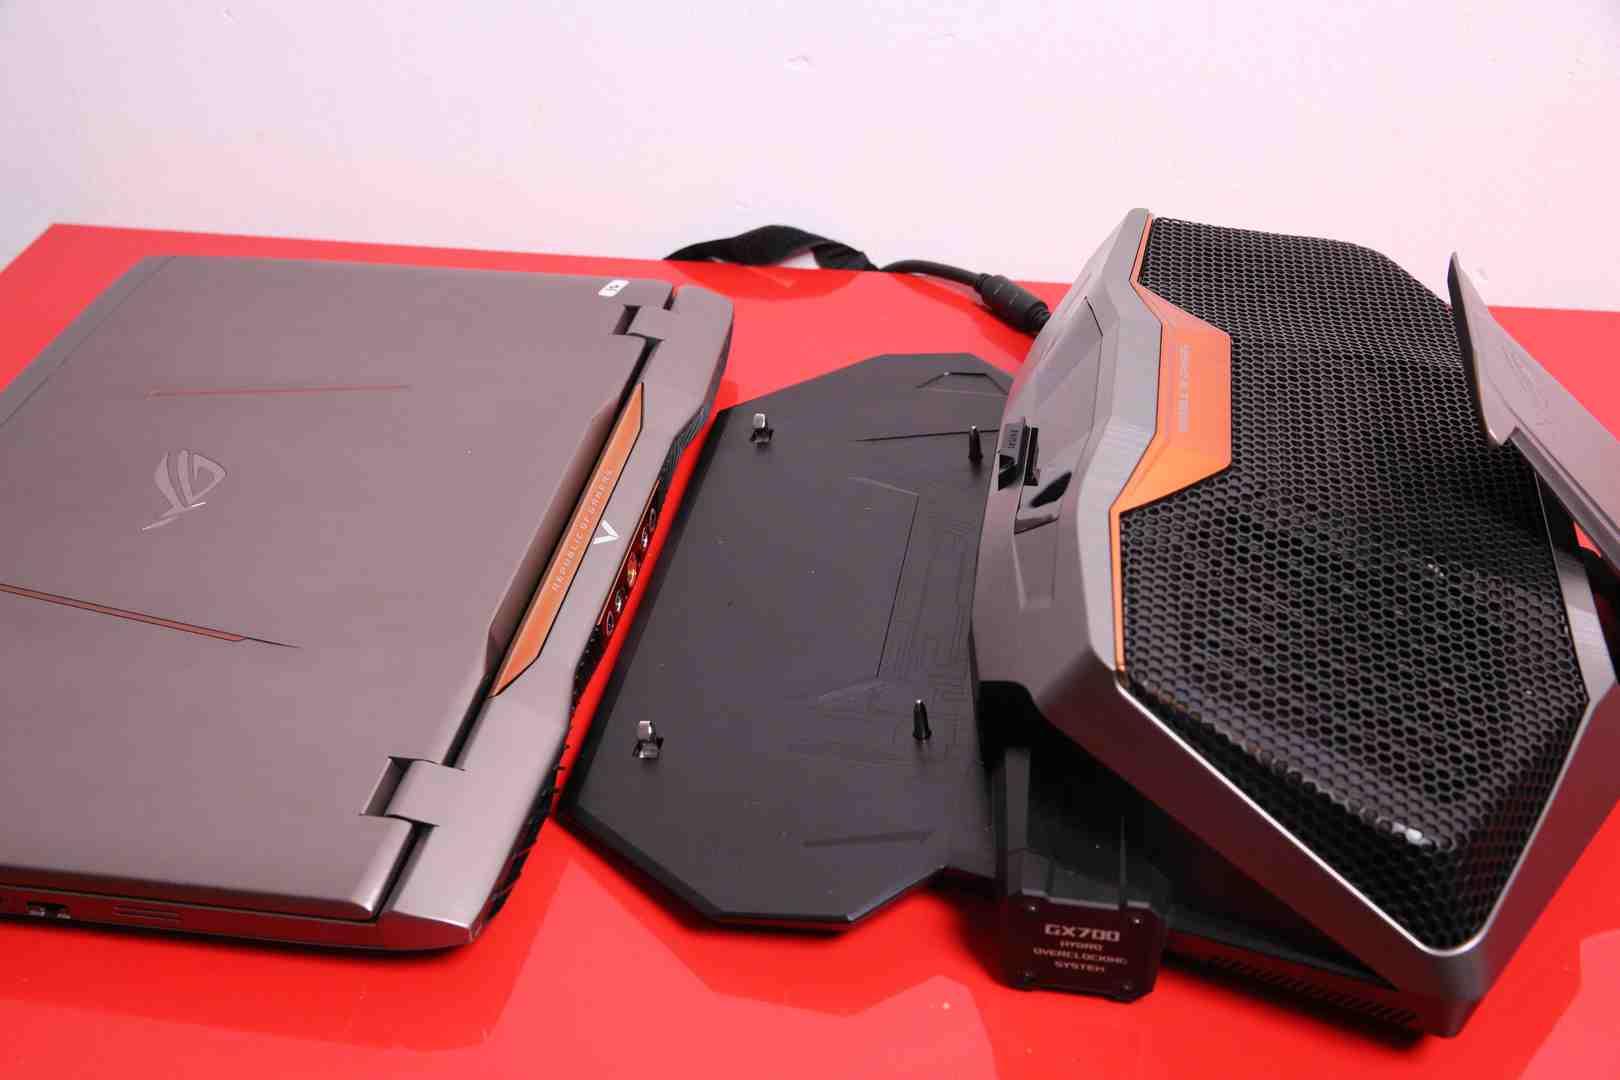 Dimensiunea relativa a laptop-ului si dock-ului ASUS GX700